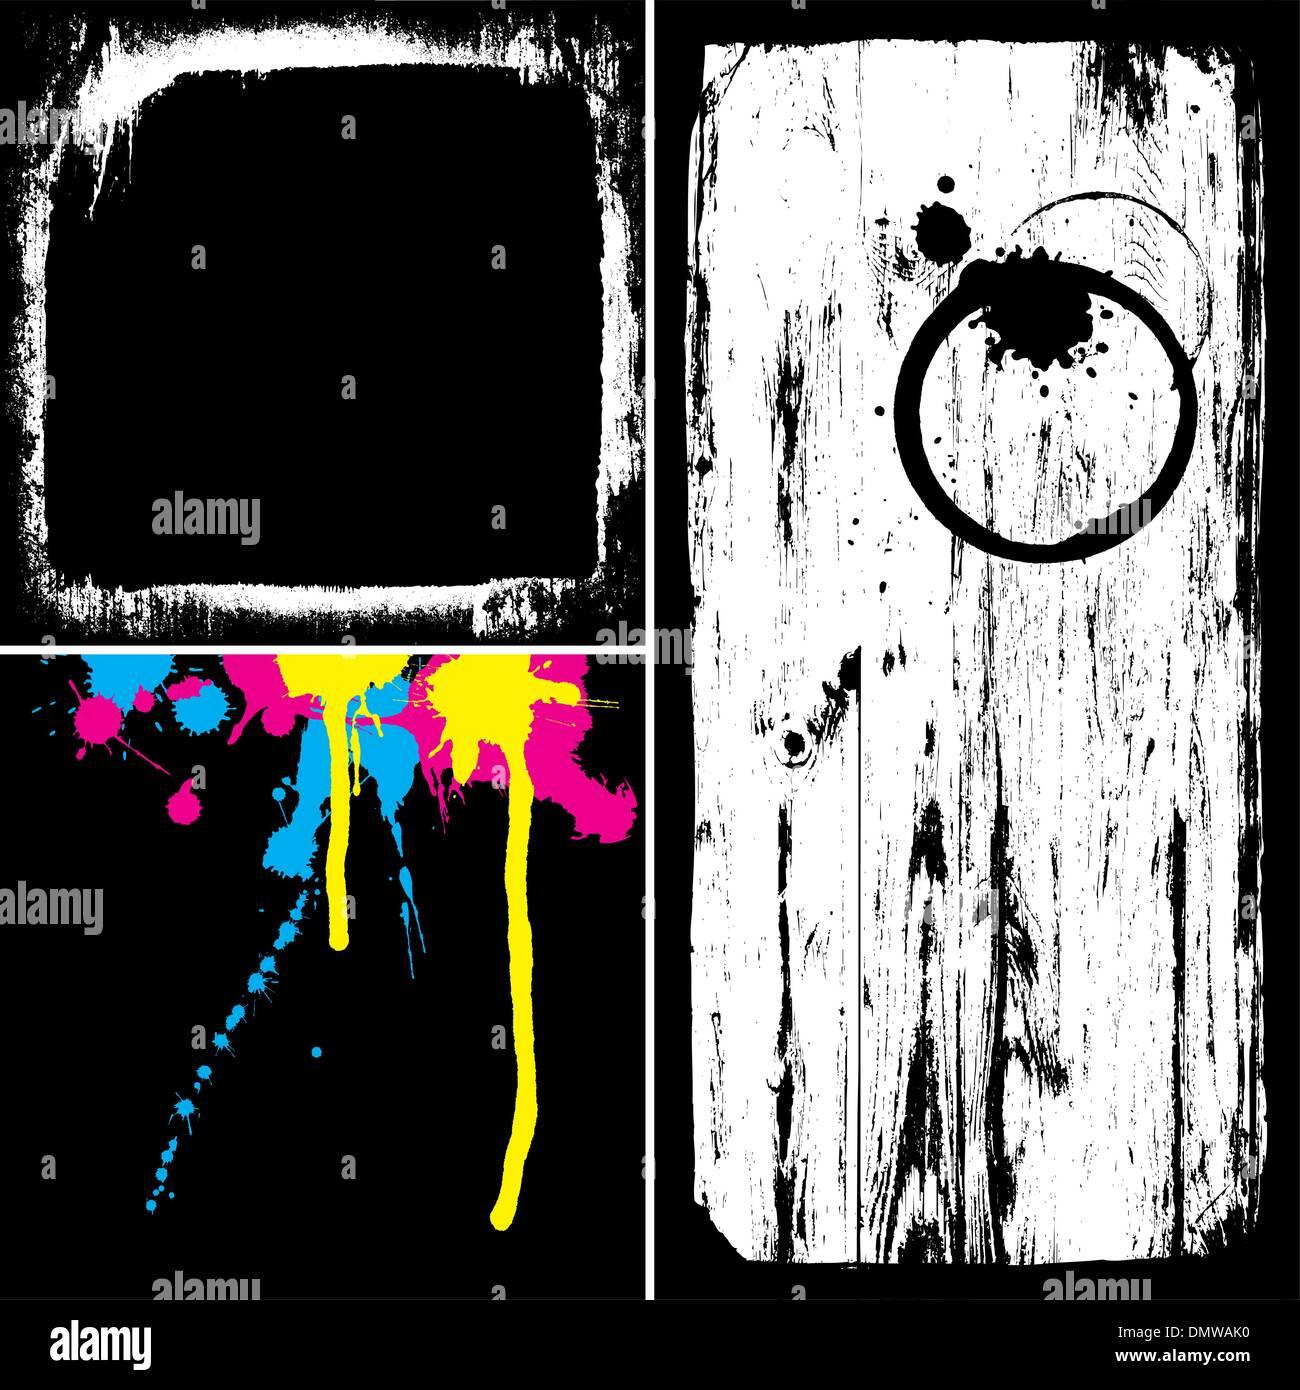 Grunge-Overlays Sammlung. Alle Vektor-Elemente separat in e Stockbild